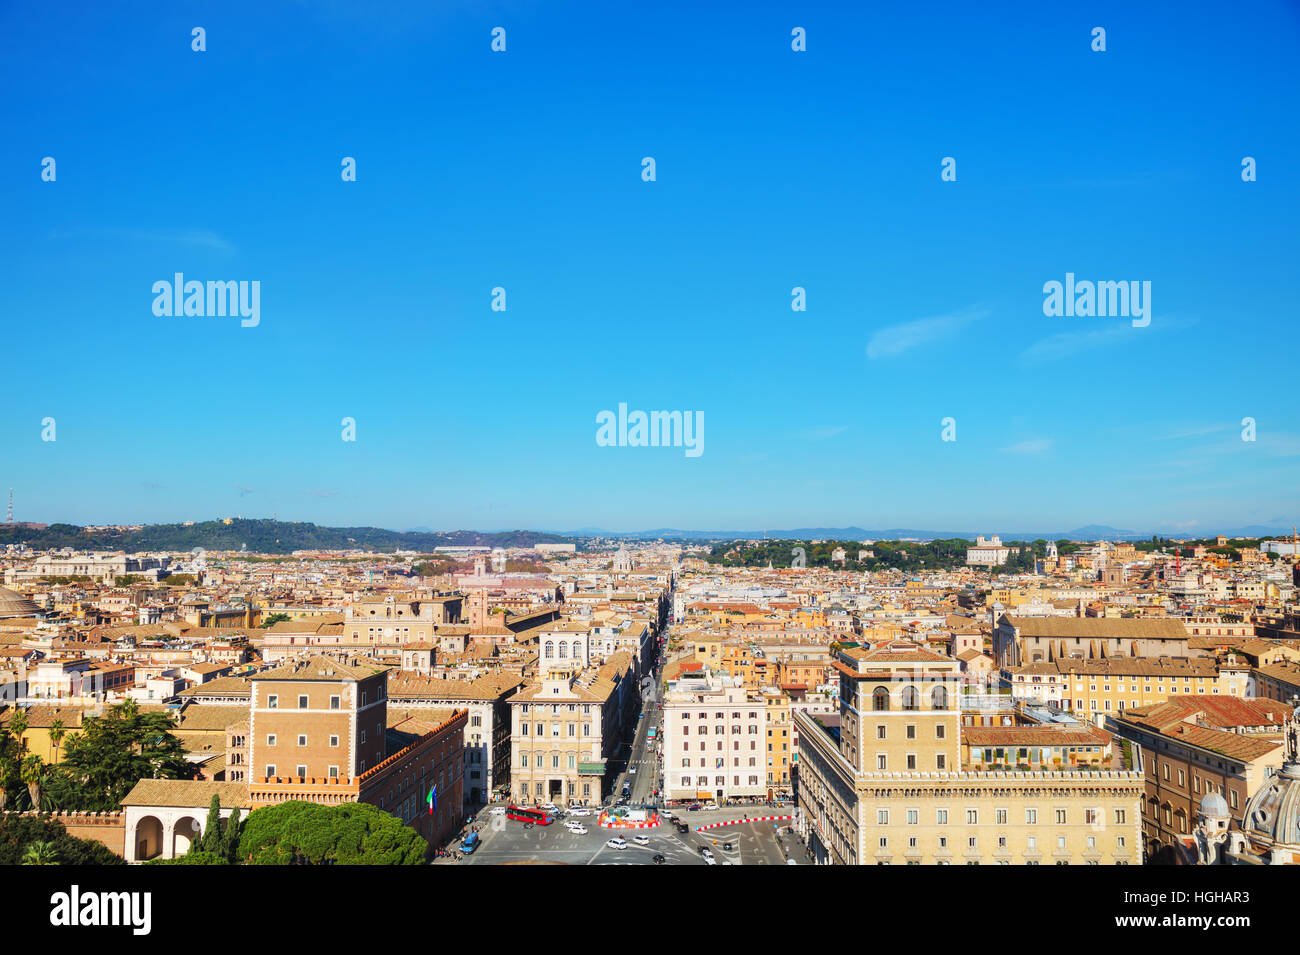 Roma vista aerea con piazza Venezia in una giornata di sole Immagini Stock